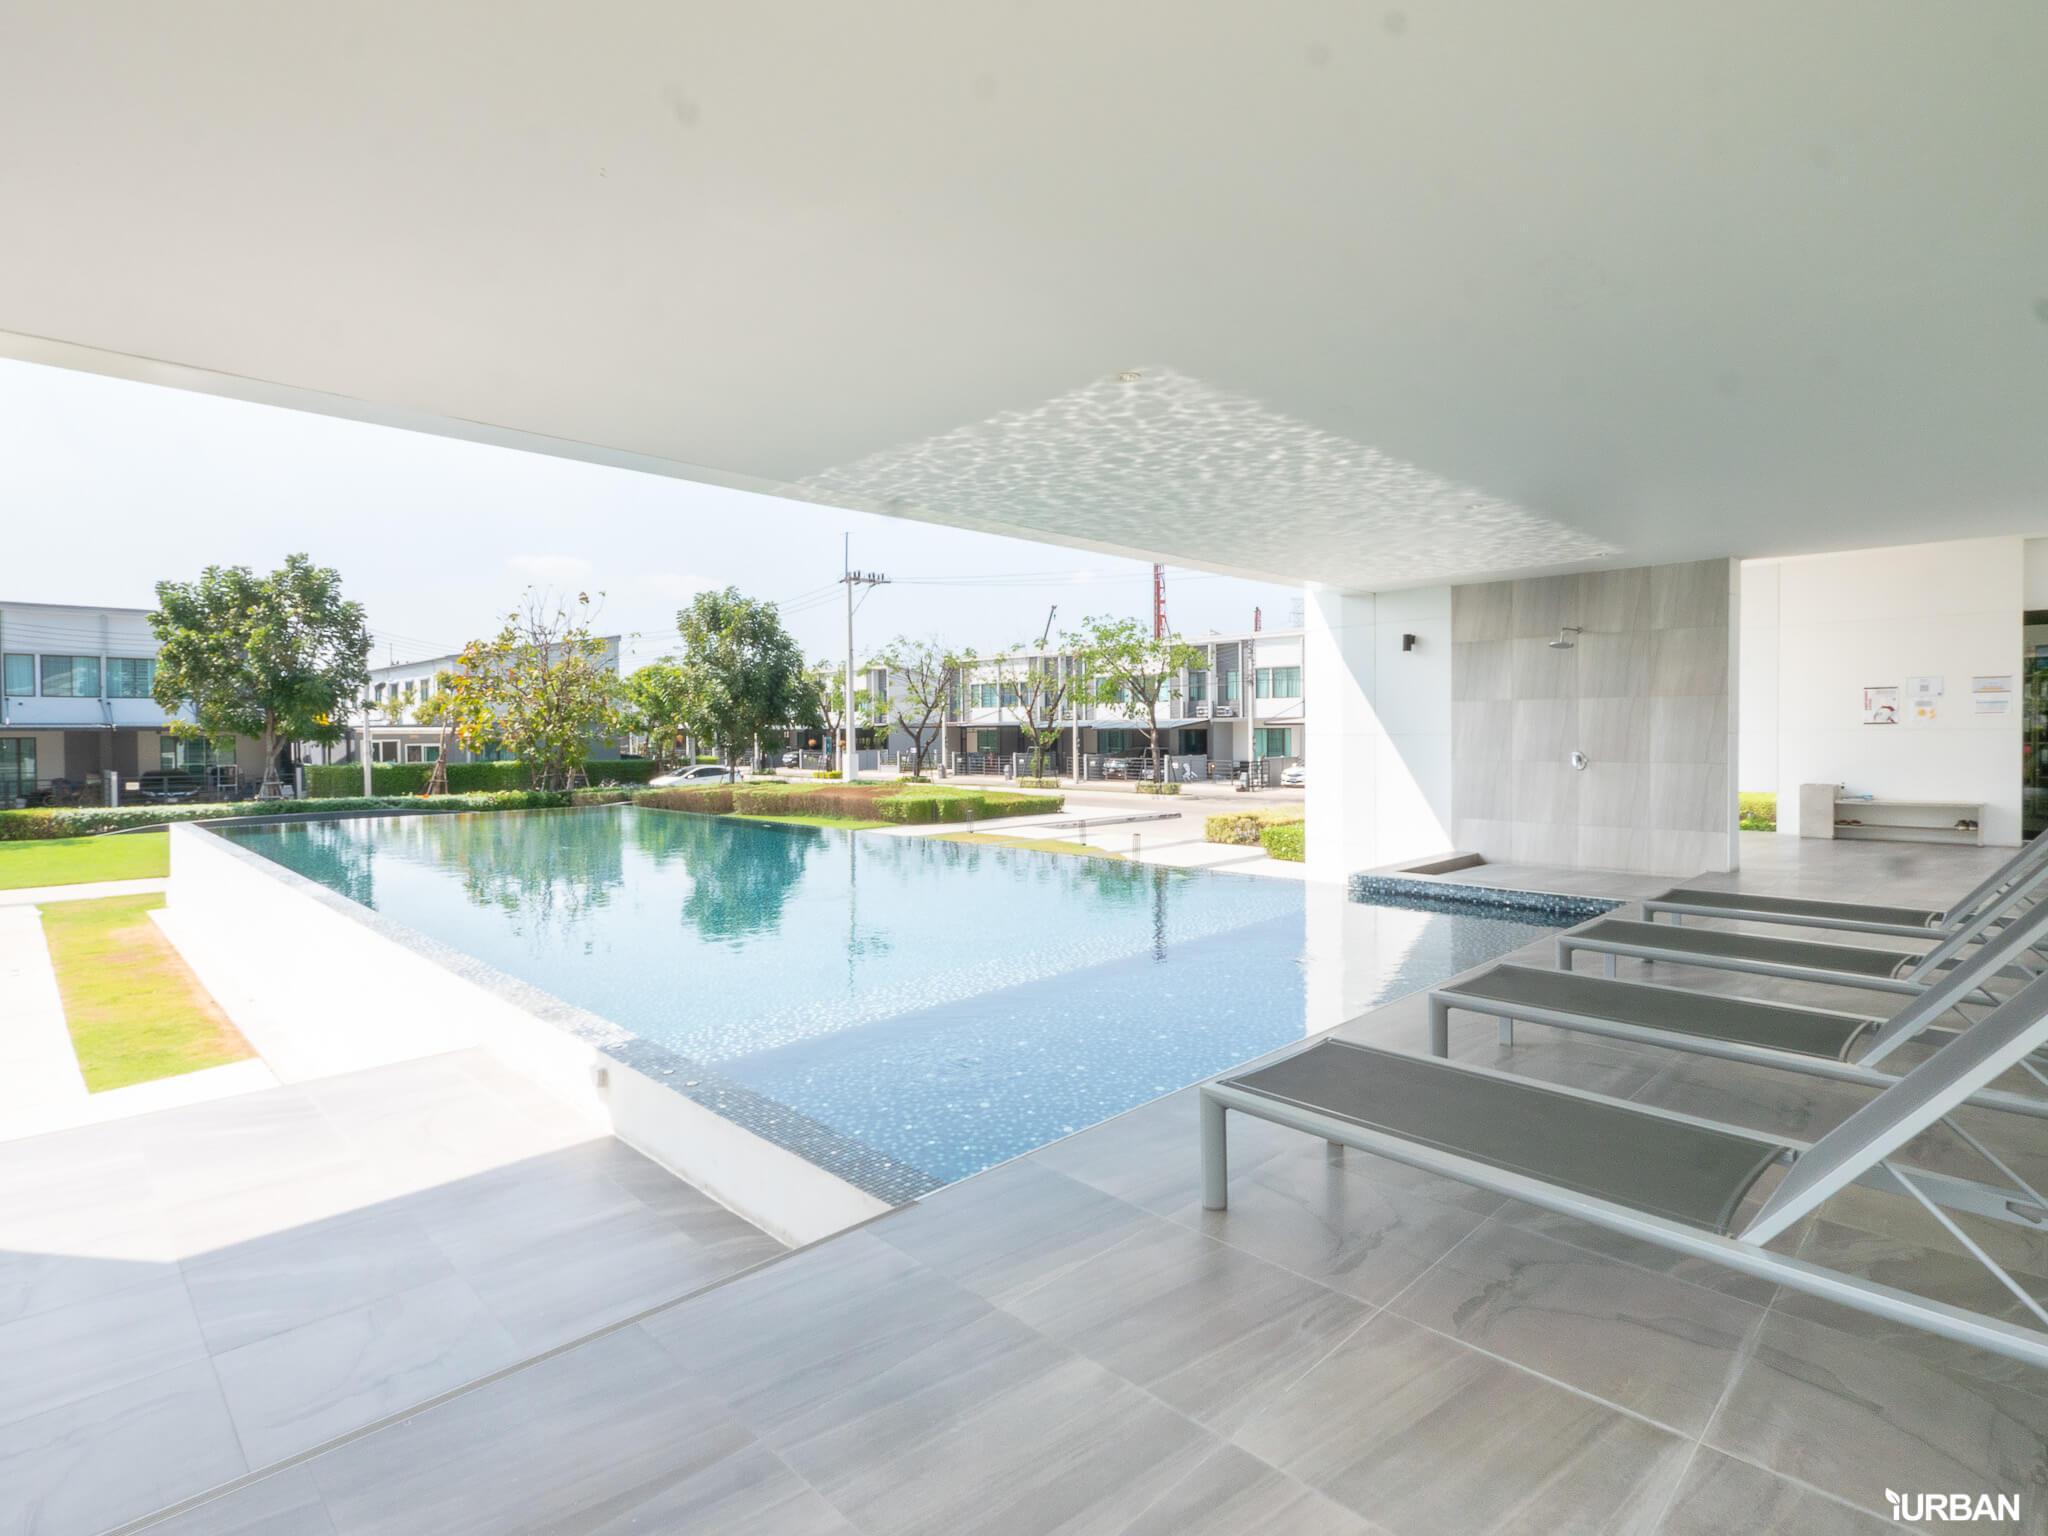 พาชมบ้านจริง PLENO พหลโยธิน-รังสิต ชีวิตทันสมัย ใกล้ฟิวเจอร์พาร์ครังสิต เริ่มแค่ 1.99 ลบ. 25 - AP (Thailand) - เอพี (ไทยแลนด์)